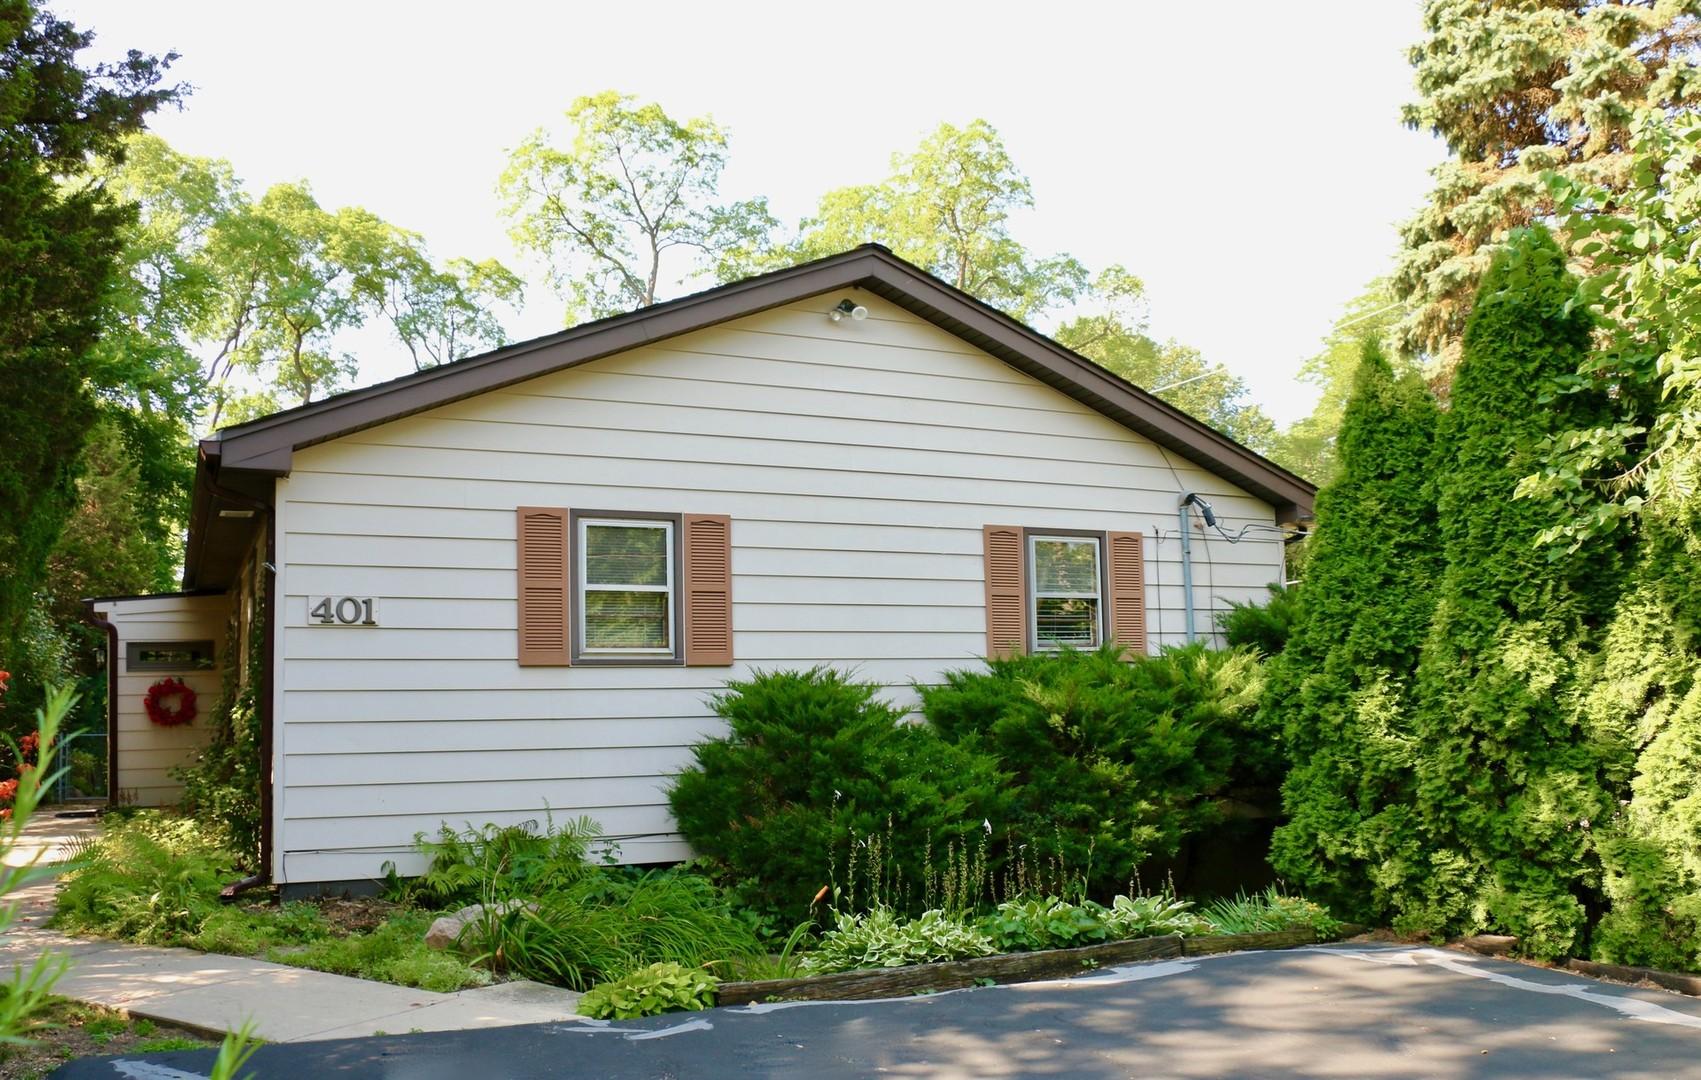 401 South, BARRINGTON, Illinois, 60010